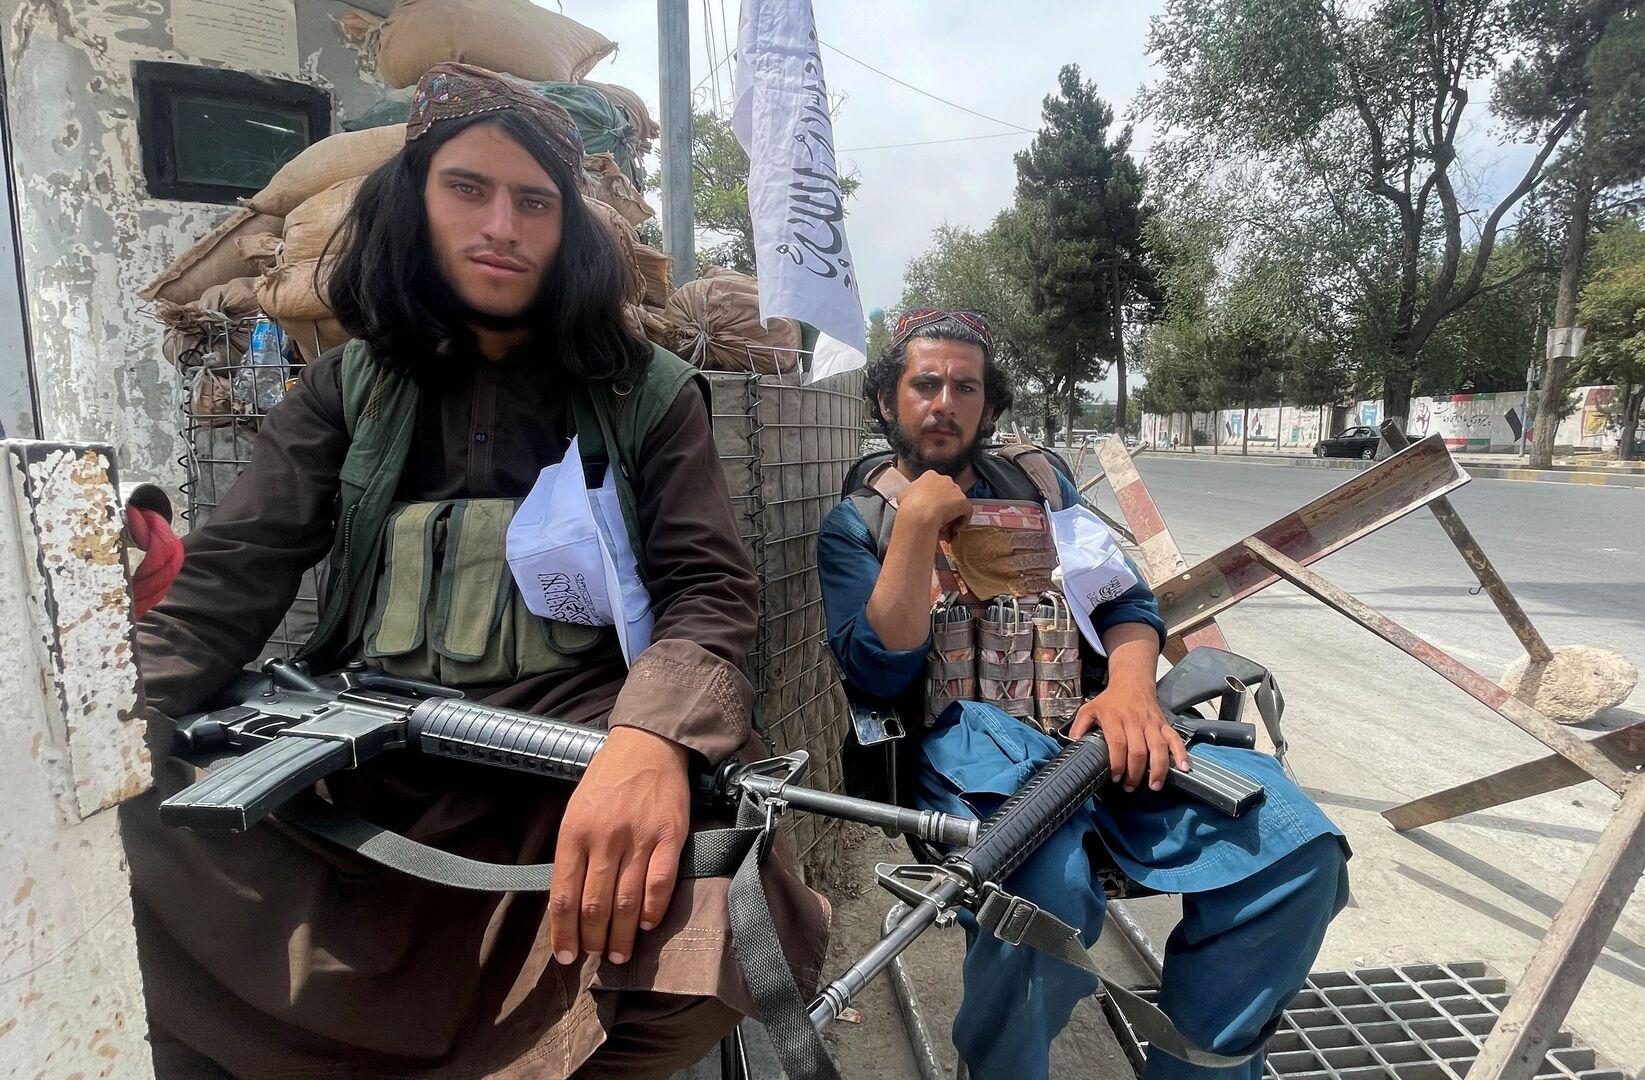 اجتماع لوزراء داخلية أوروبا بسبب الهجرة المحتملة من أفغانستان